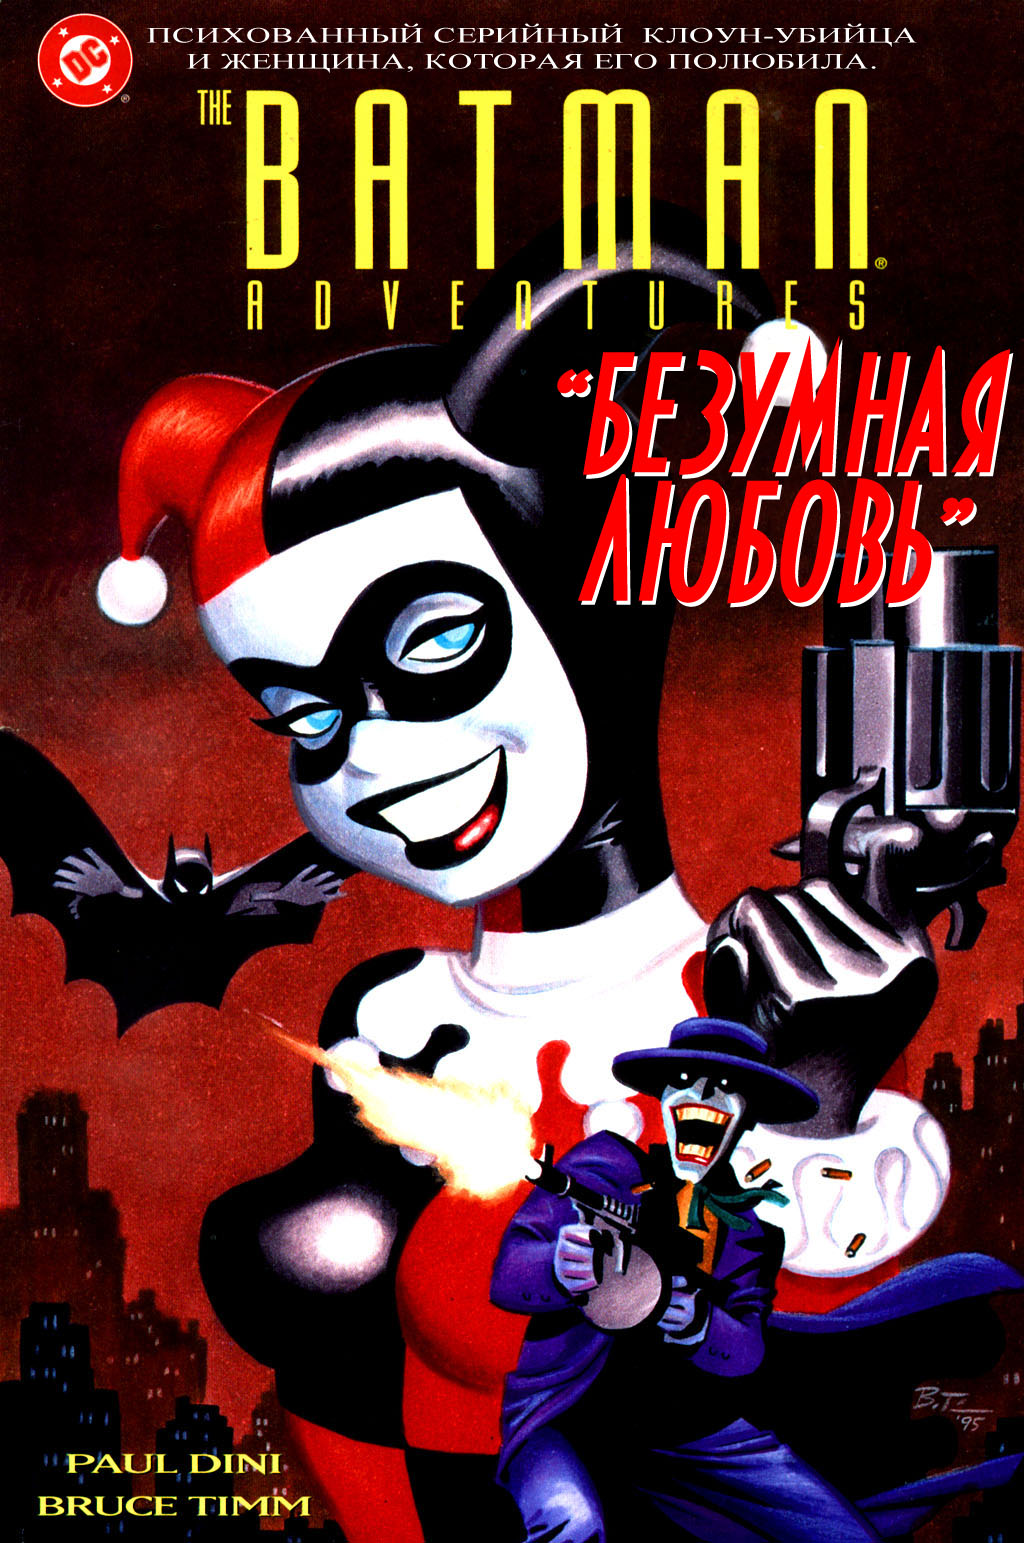 Хэллоуин, хелловин, хеловин, хэлоин, победа, Харли Квинн, харли квин, красные колготки, манжеты, красный парик, вечеринка, бэтман